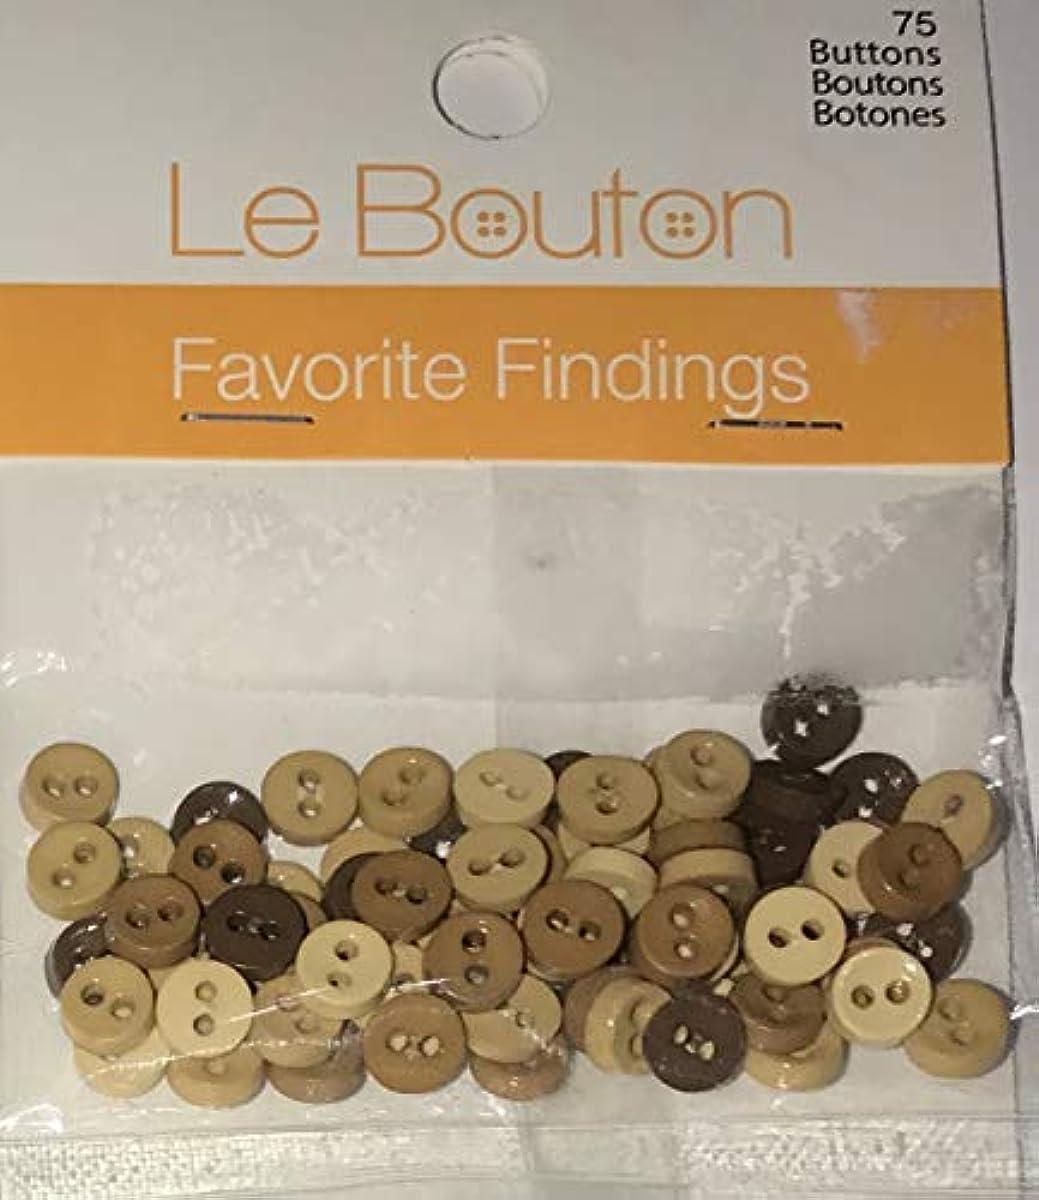 Le Bouton Natural Colors Buttons, 75 Count